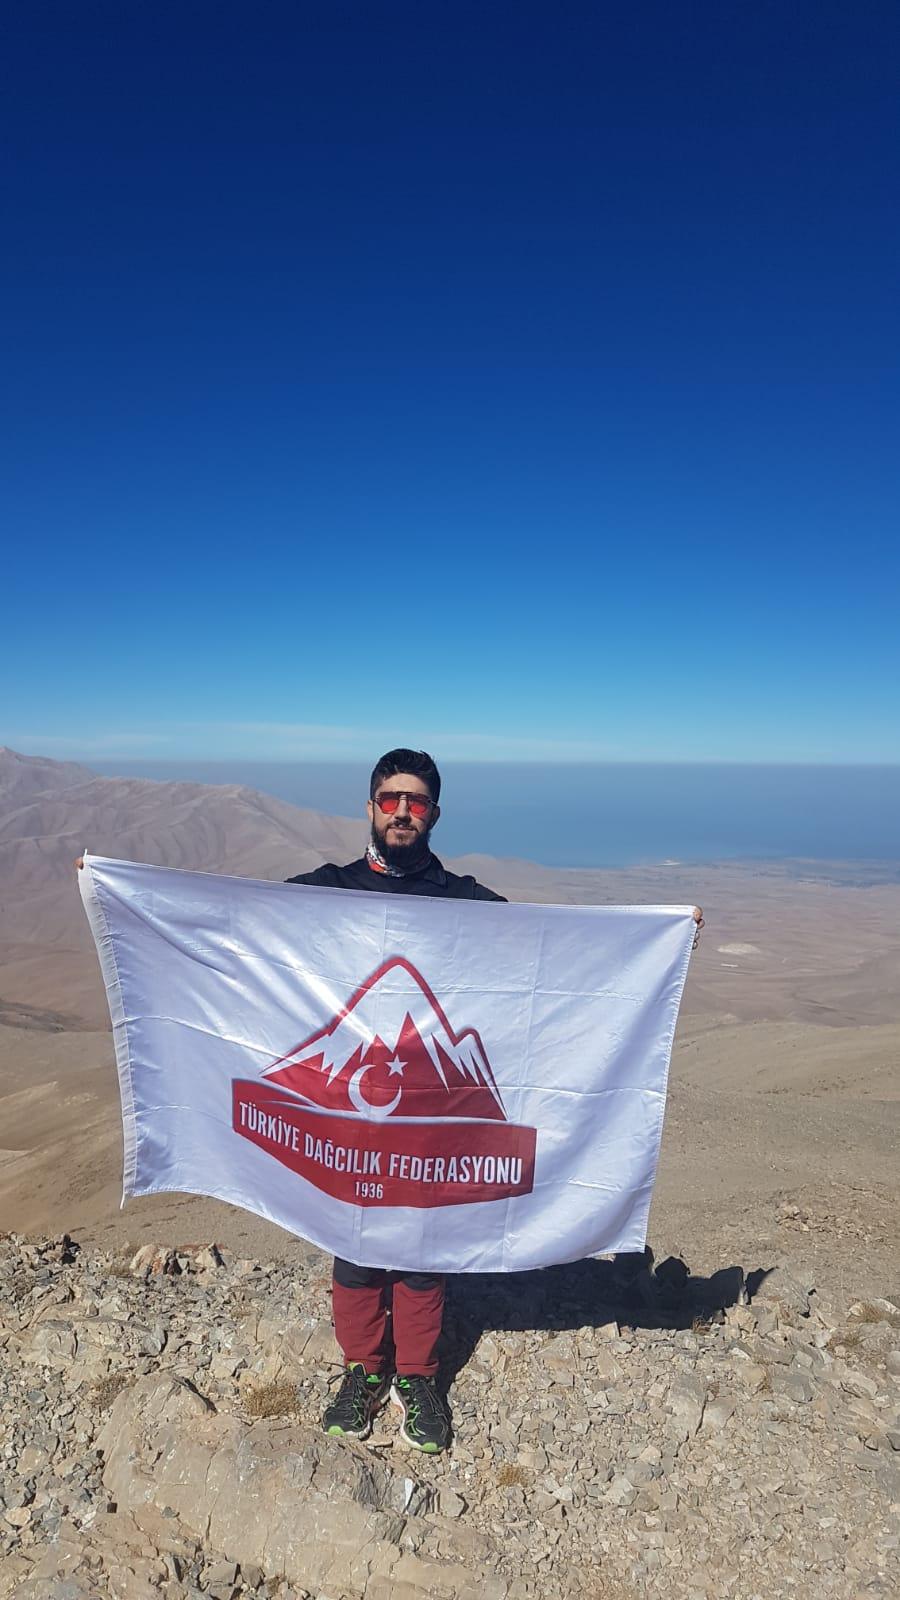 Çeper (Vavira) Dağı tırmanışı gerçekleştirildi.